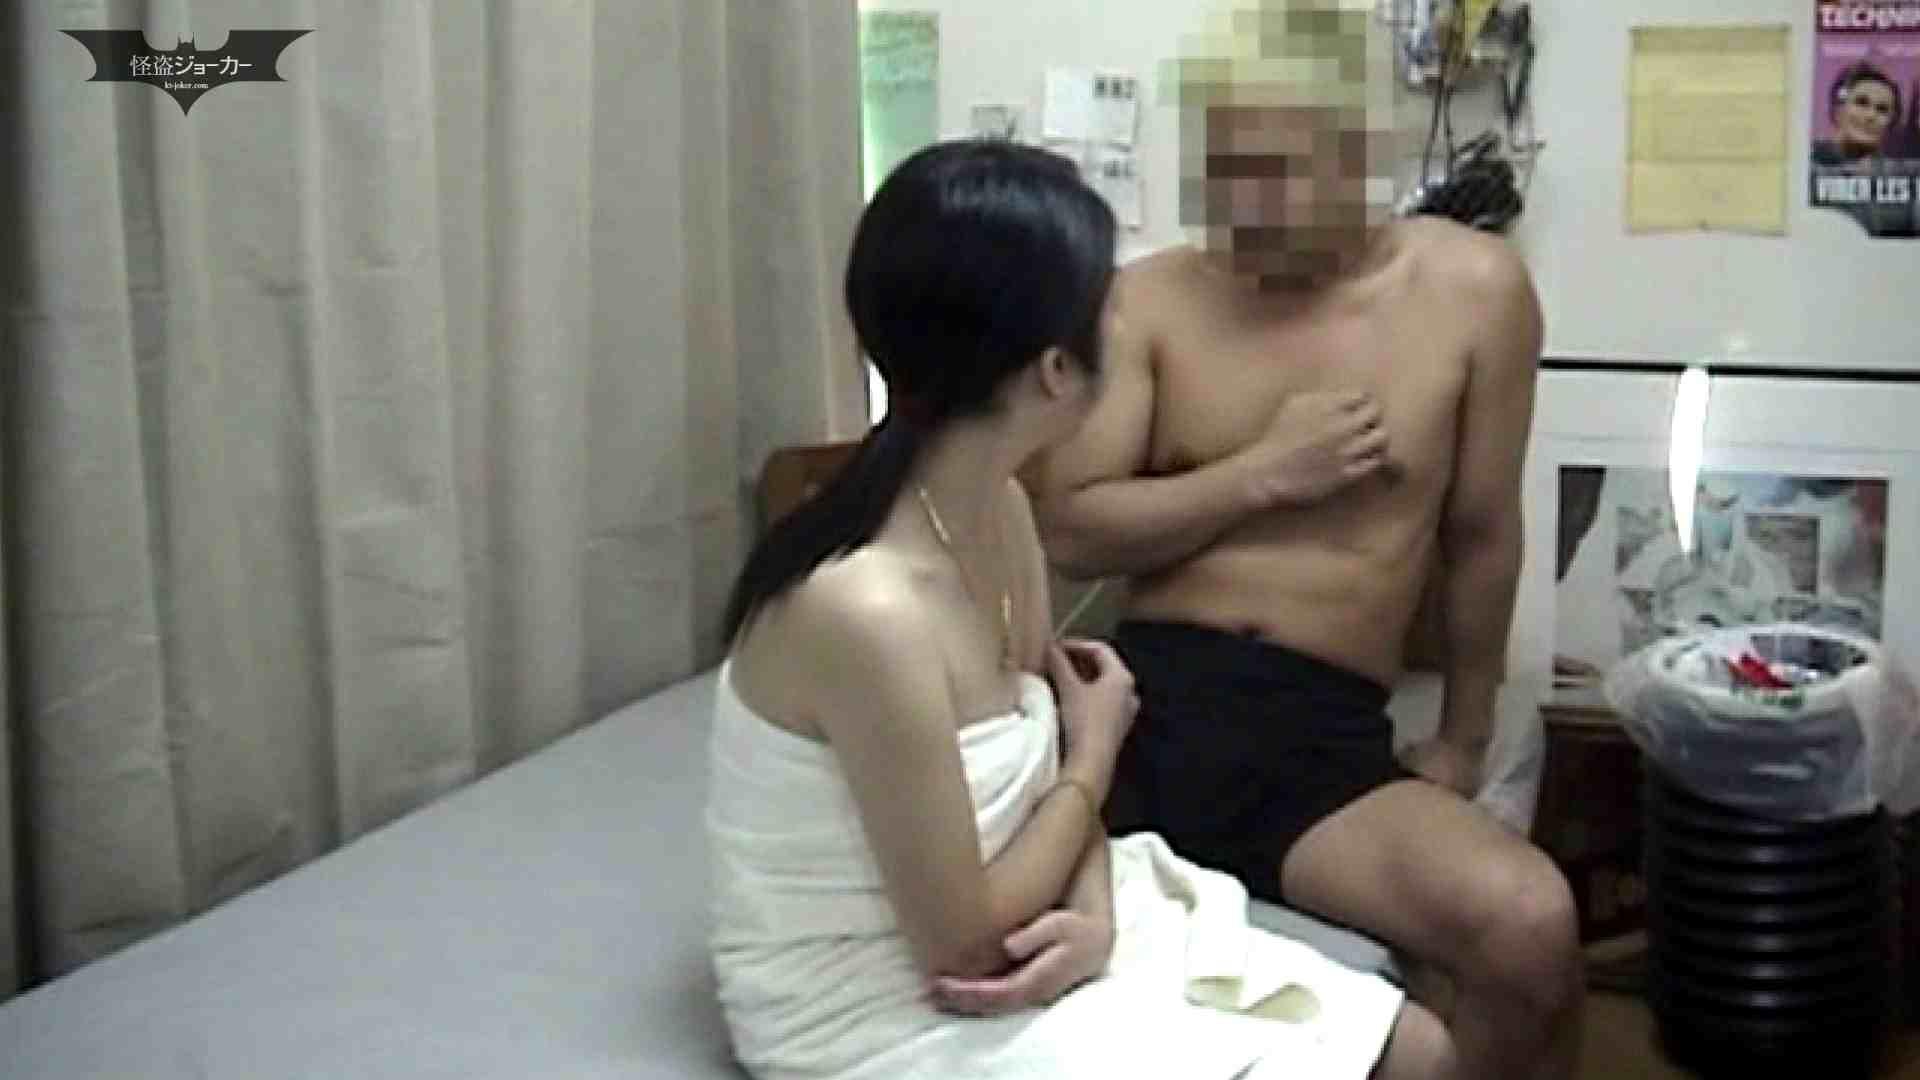 素人女良を部屋に連れ込み隠し撮りSEX!! その⑨  錦糸町の料理人 みどり 巨乳  66PIX 21